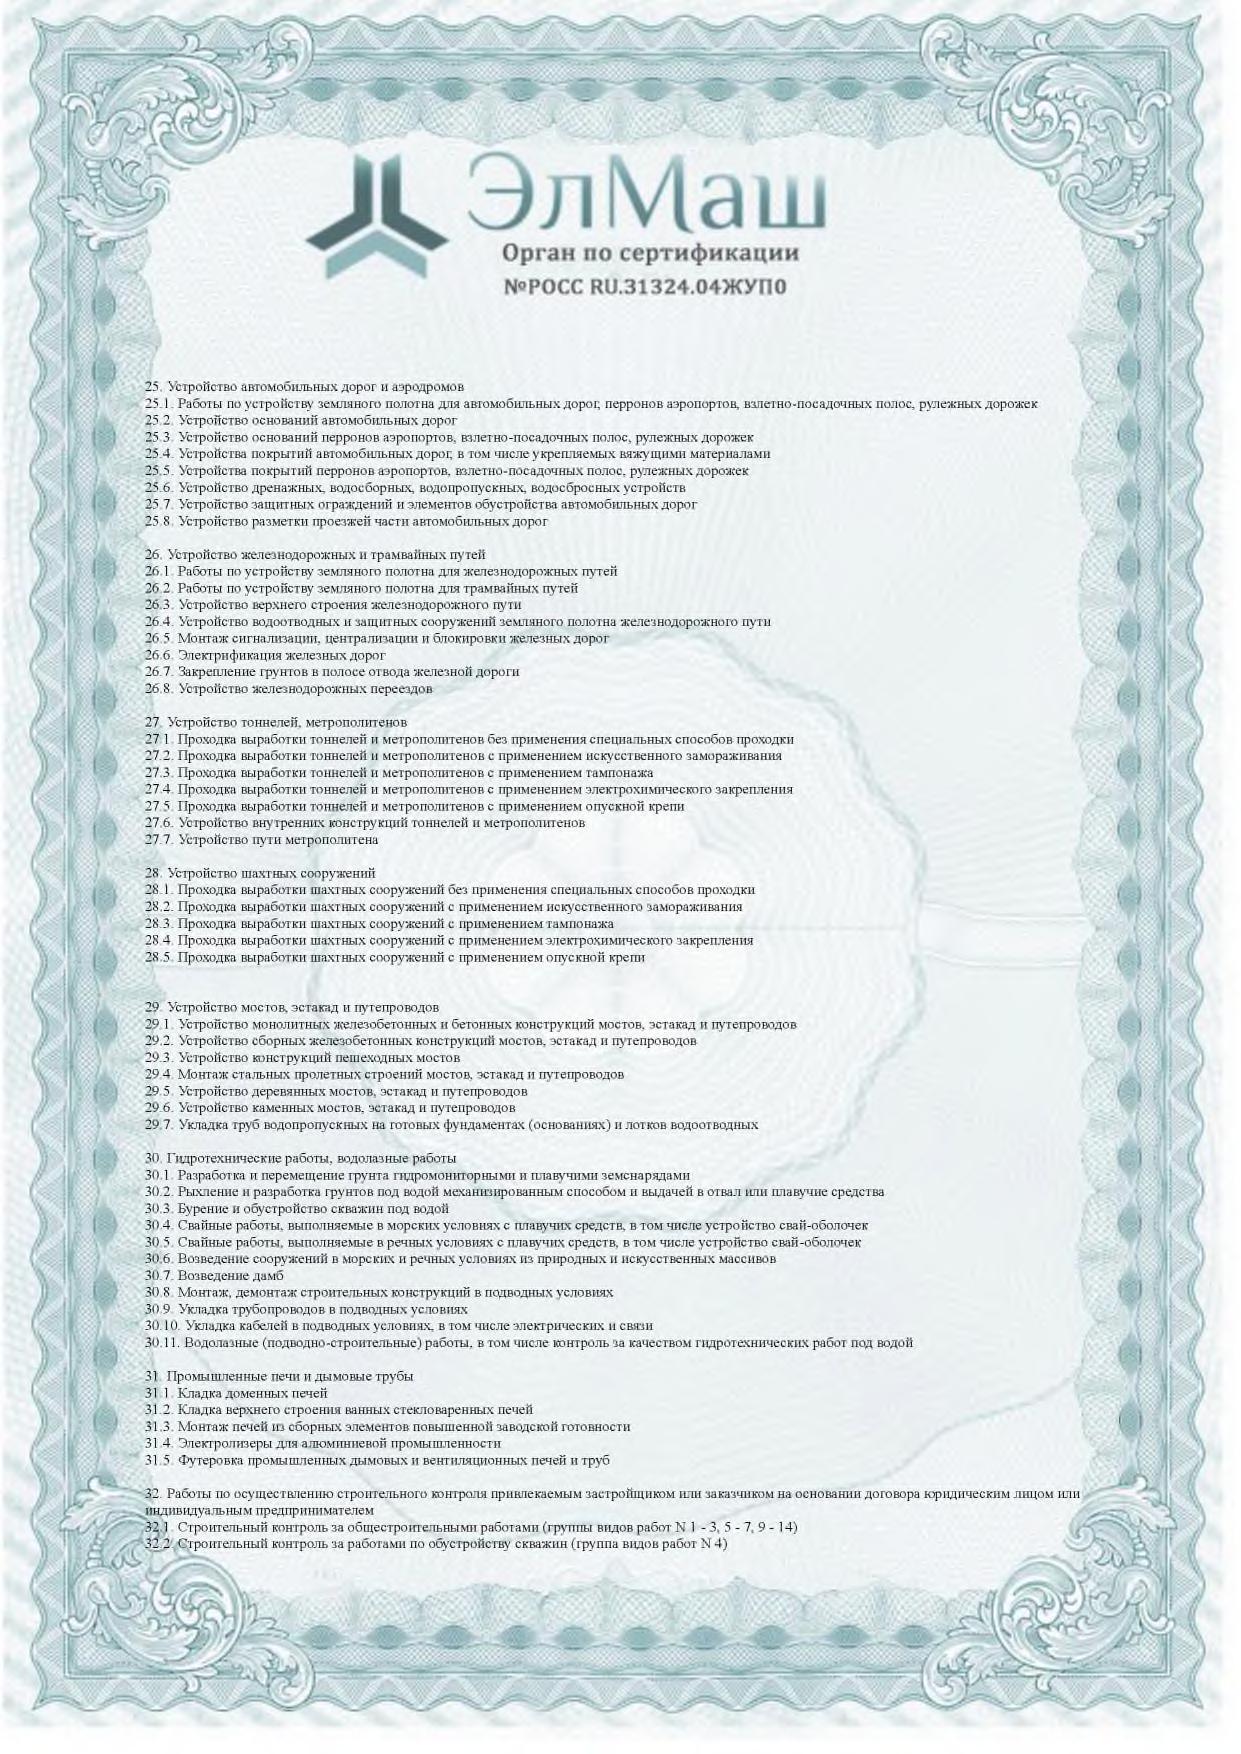 Приложение к сертификату виды работ по строительству и капитальному ремонту стр 5